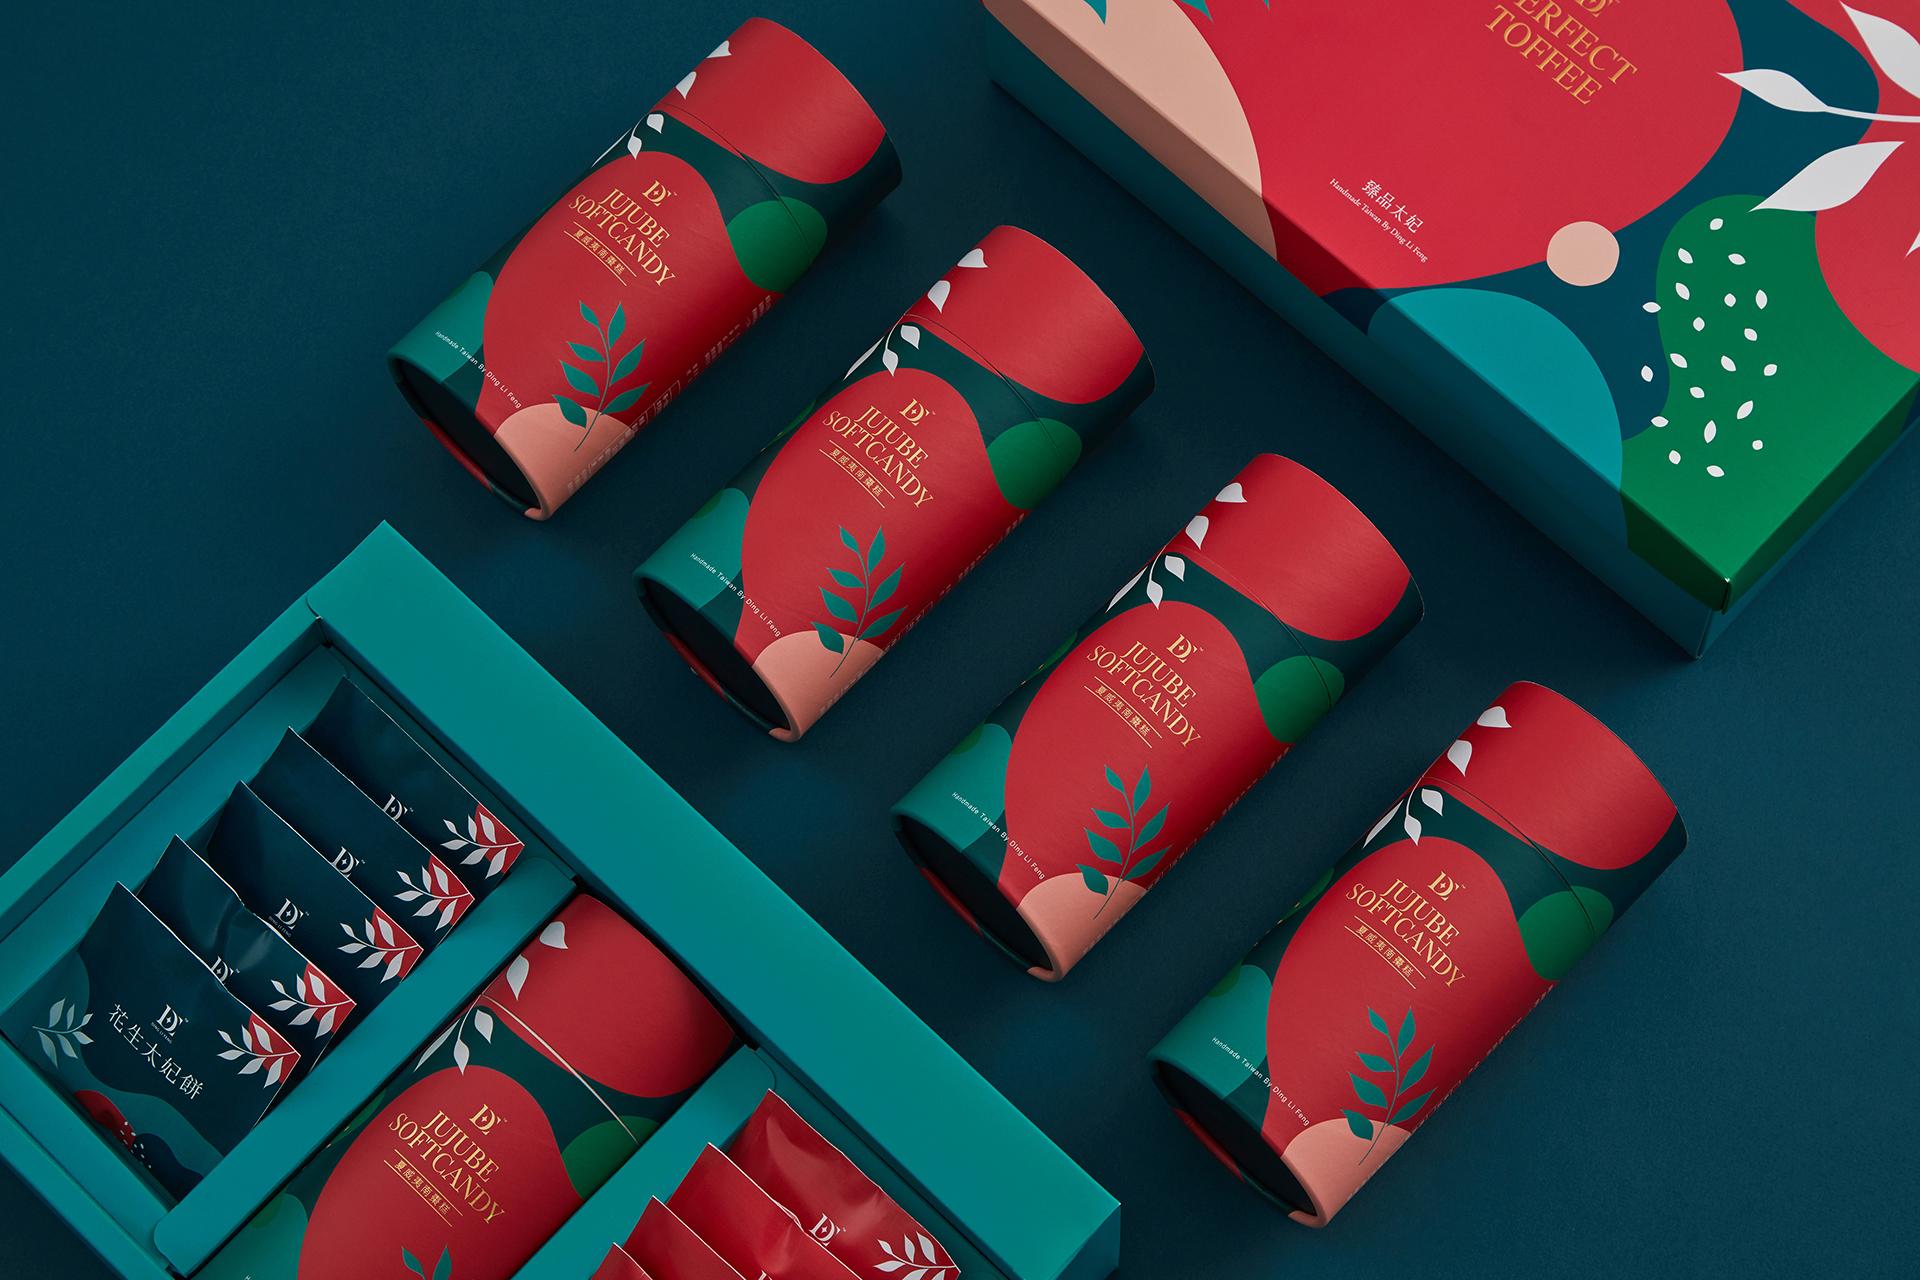 Ding Li Feng gift box 鼎立豐年節禮盒